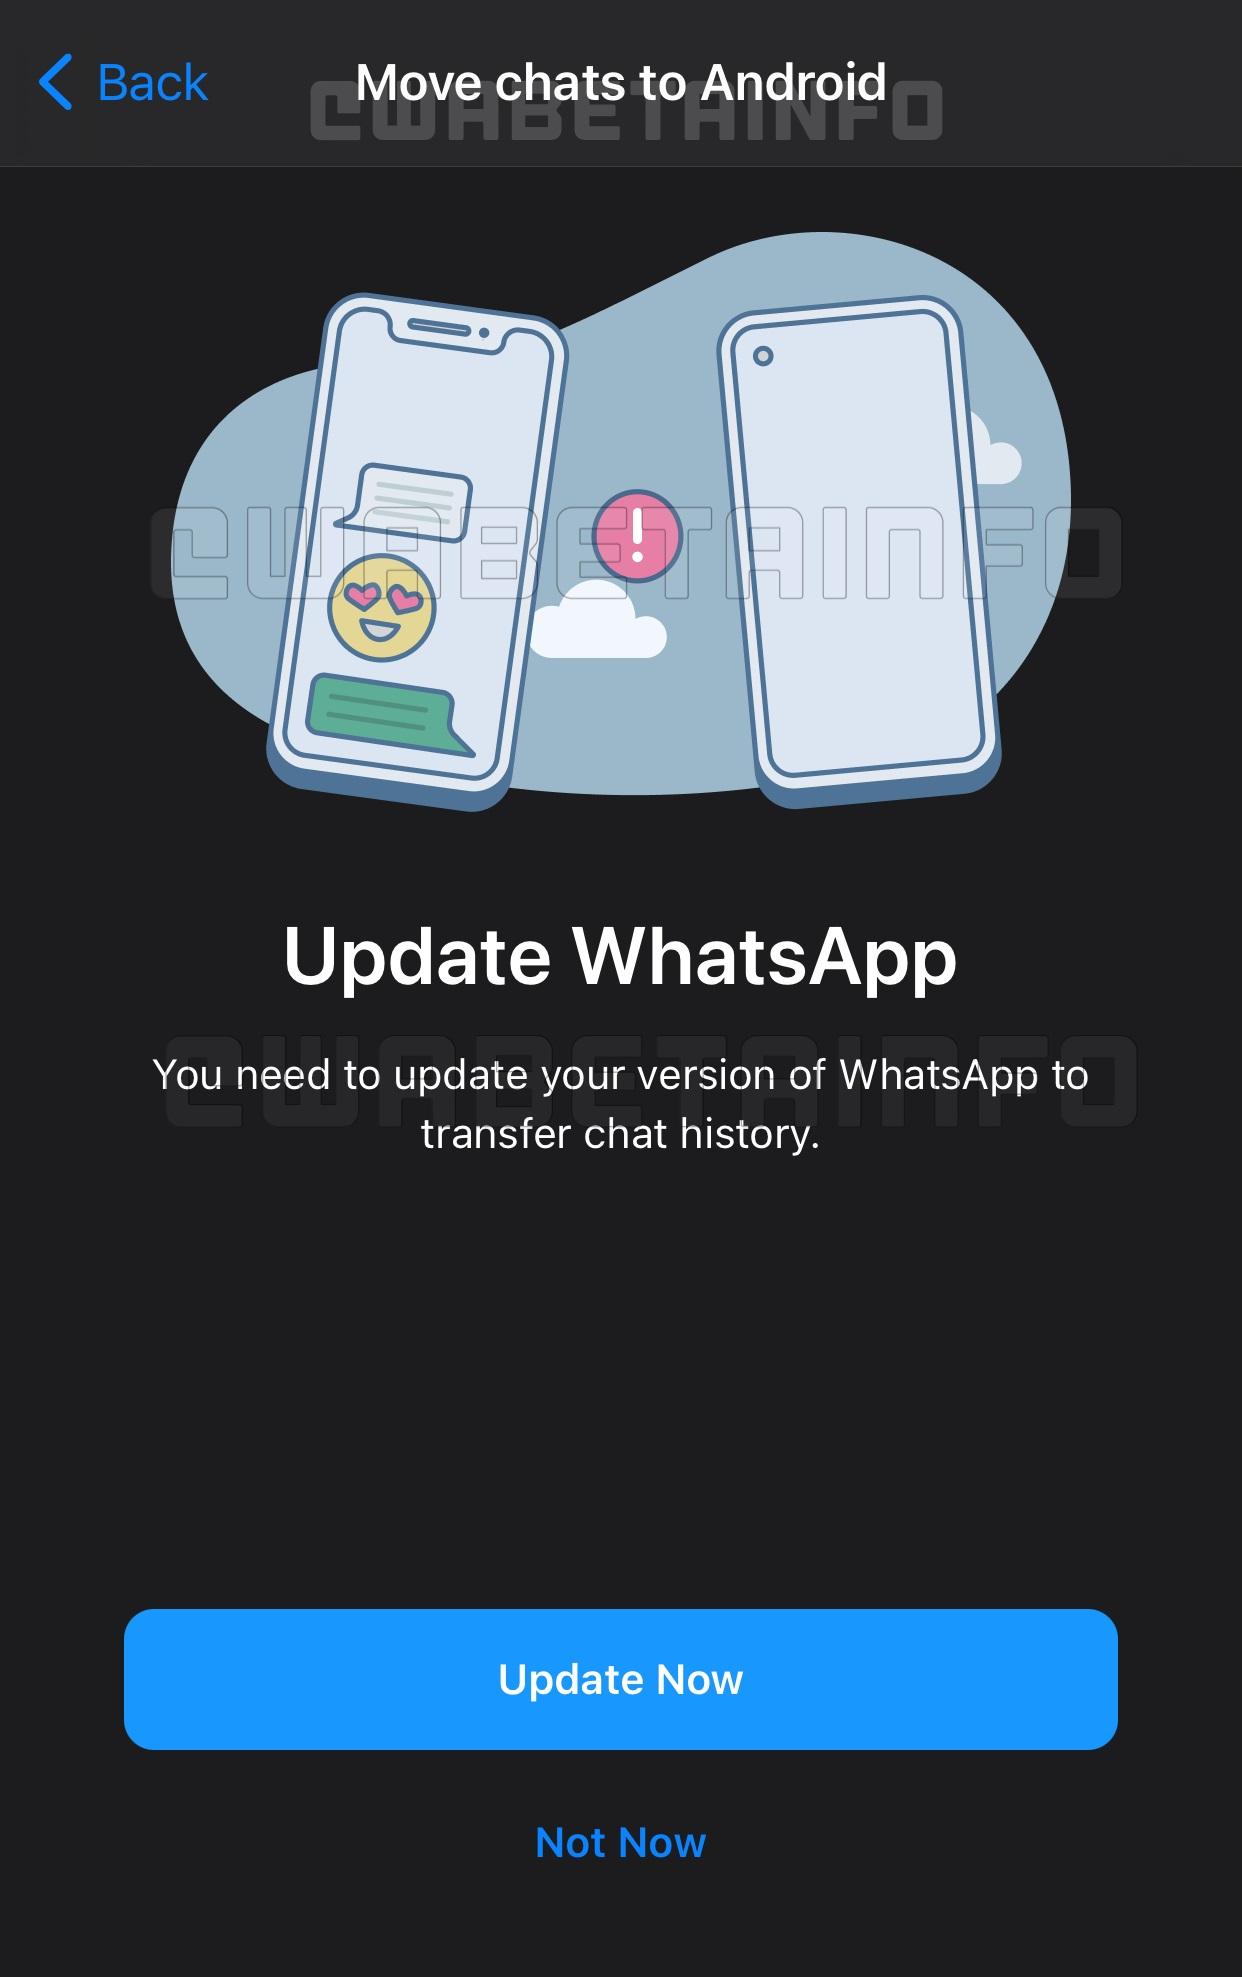 Recurso do WhatsApp para migrar chats do iPhone para Android (Imagem: Reprodução/WABetaInfo)